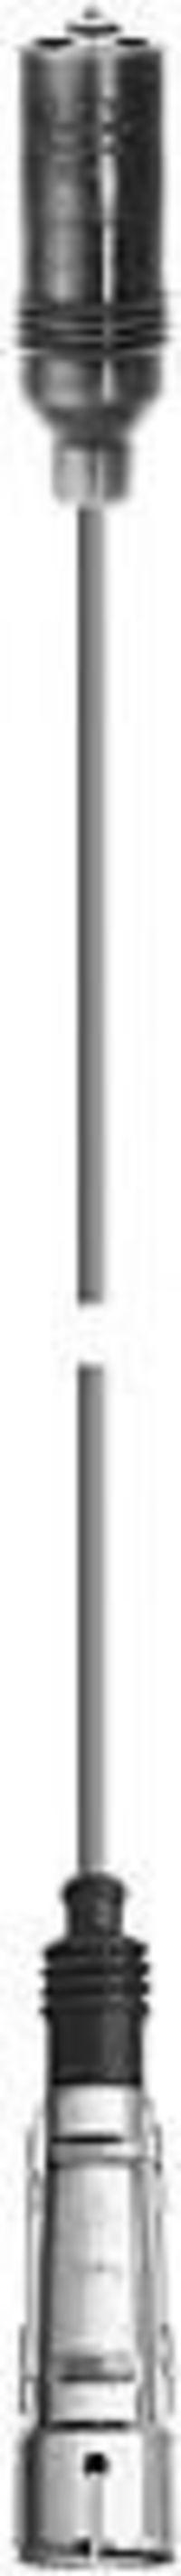 Провод высоковольтный BERU VA 115 B